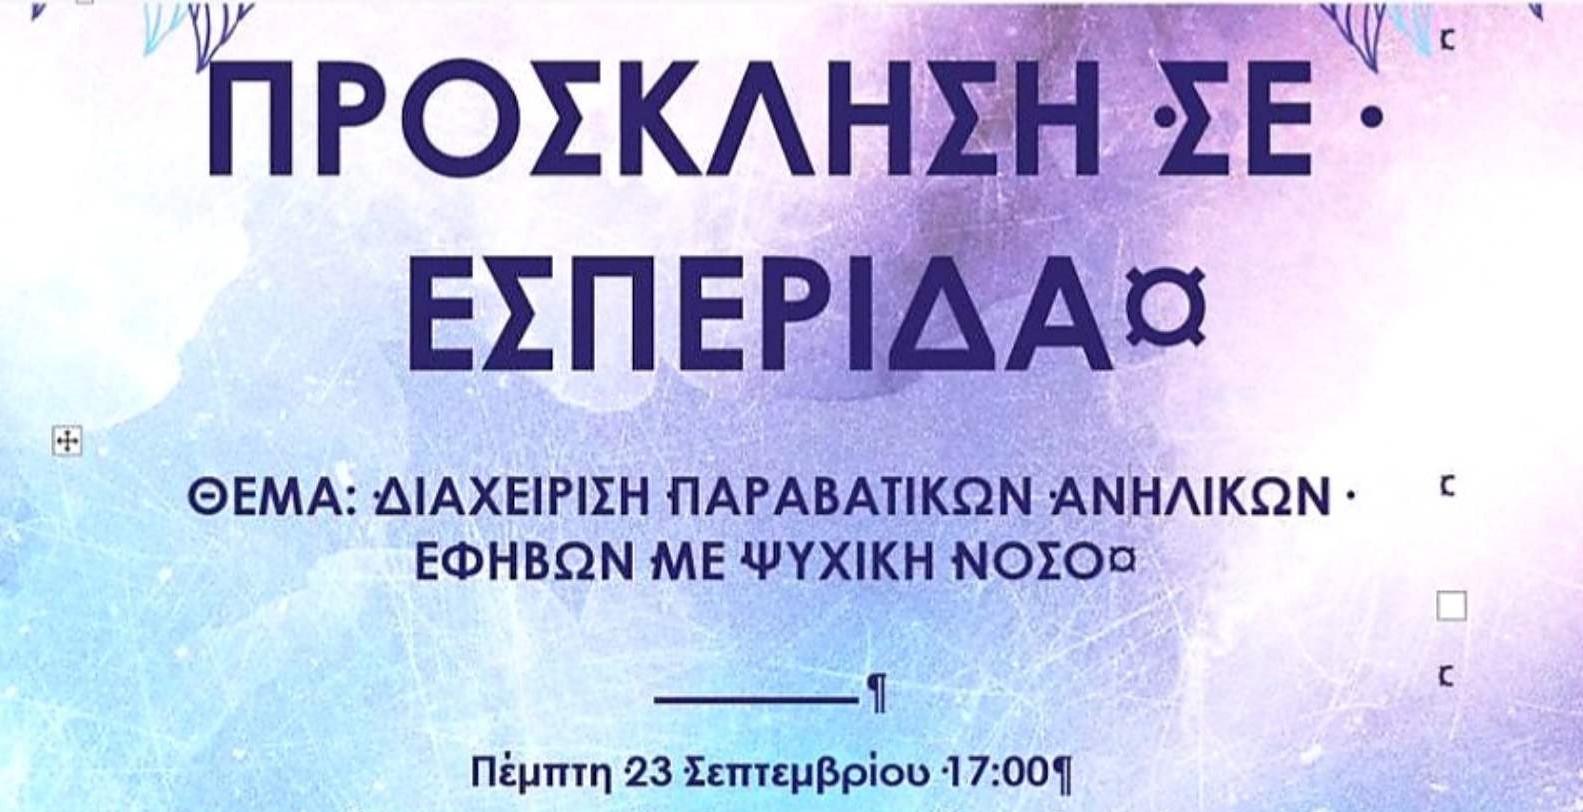 Πρόσκληση σε Εσπερίδα, με θέμα: Διαχείριση παραβατικών ανηλίκων εφήβων με ψυχική νόσο, 23/09/2021, 17:00